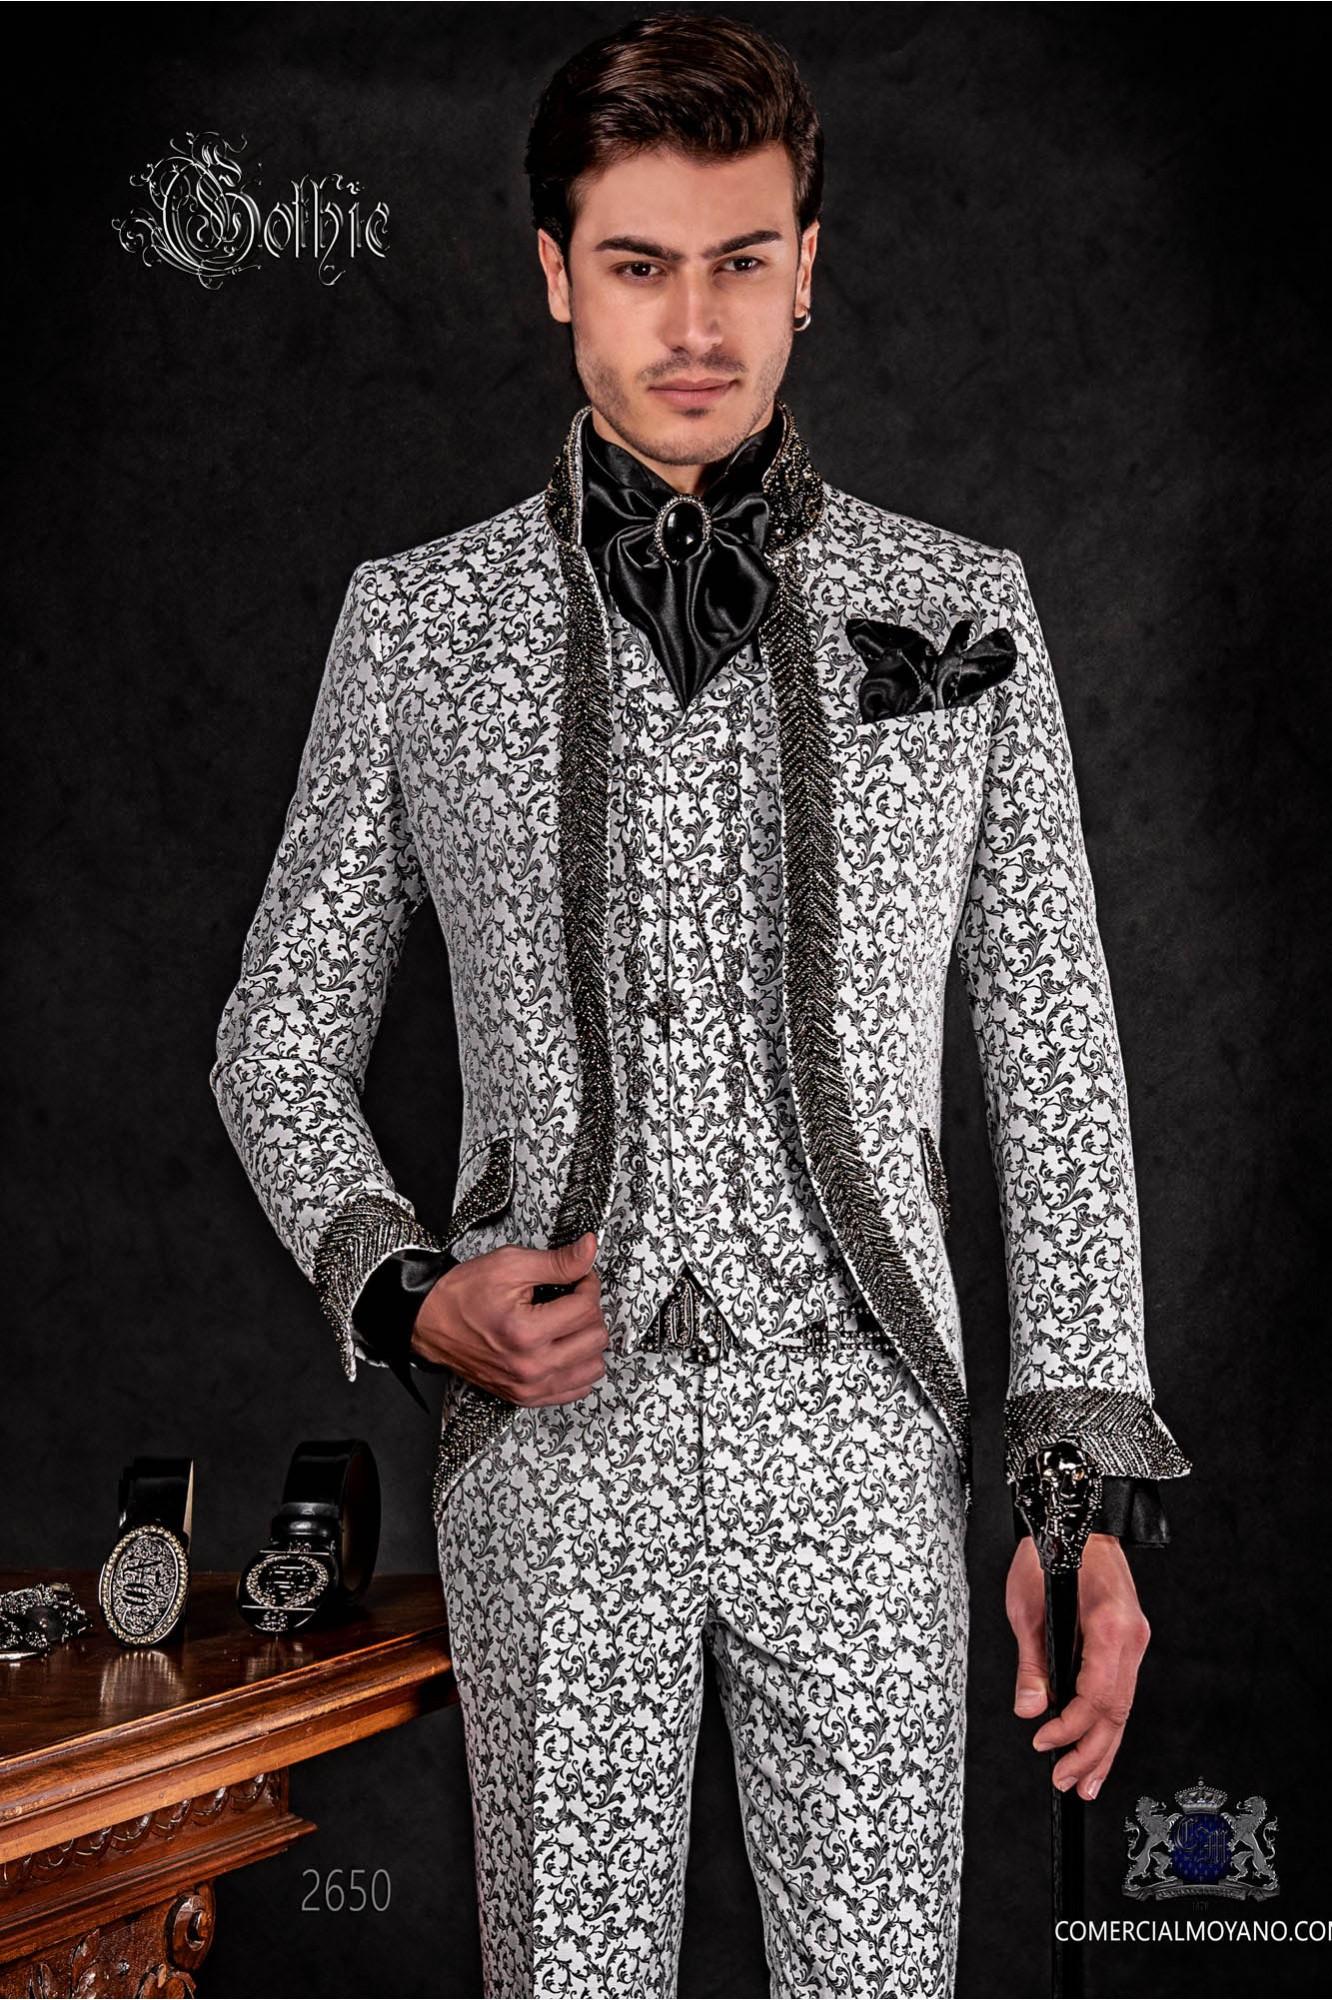 229f199aa4241 Traje de novio de época coreana gótico brocado blanco y negro ...